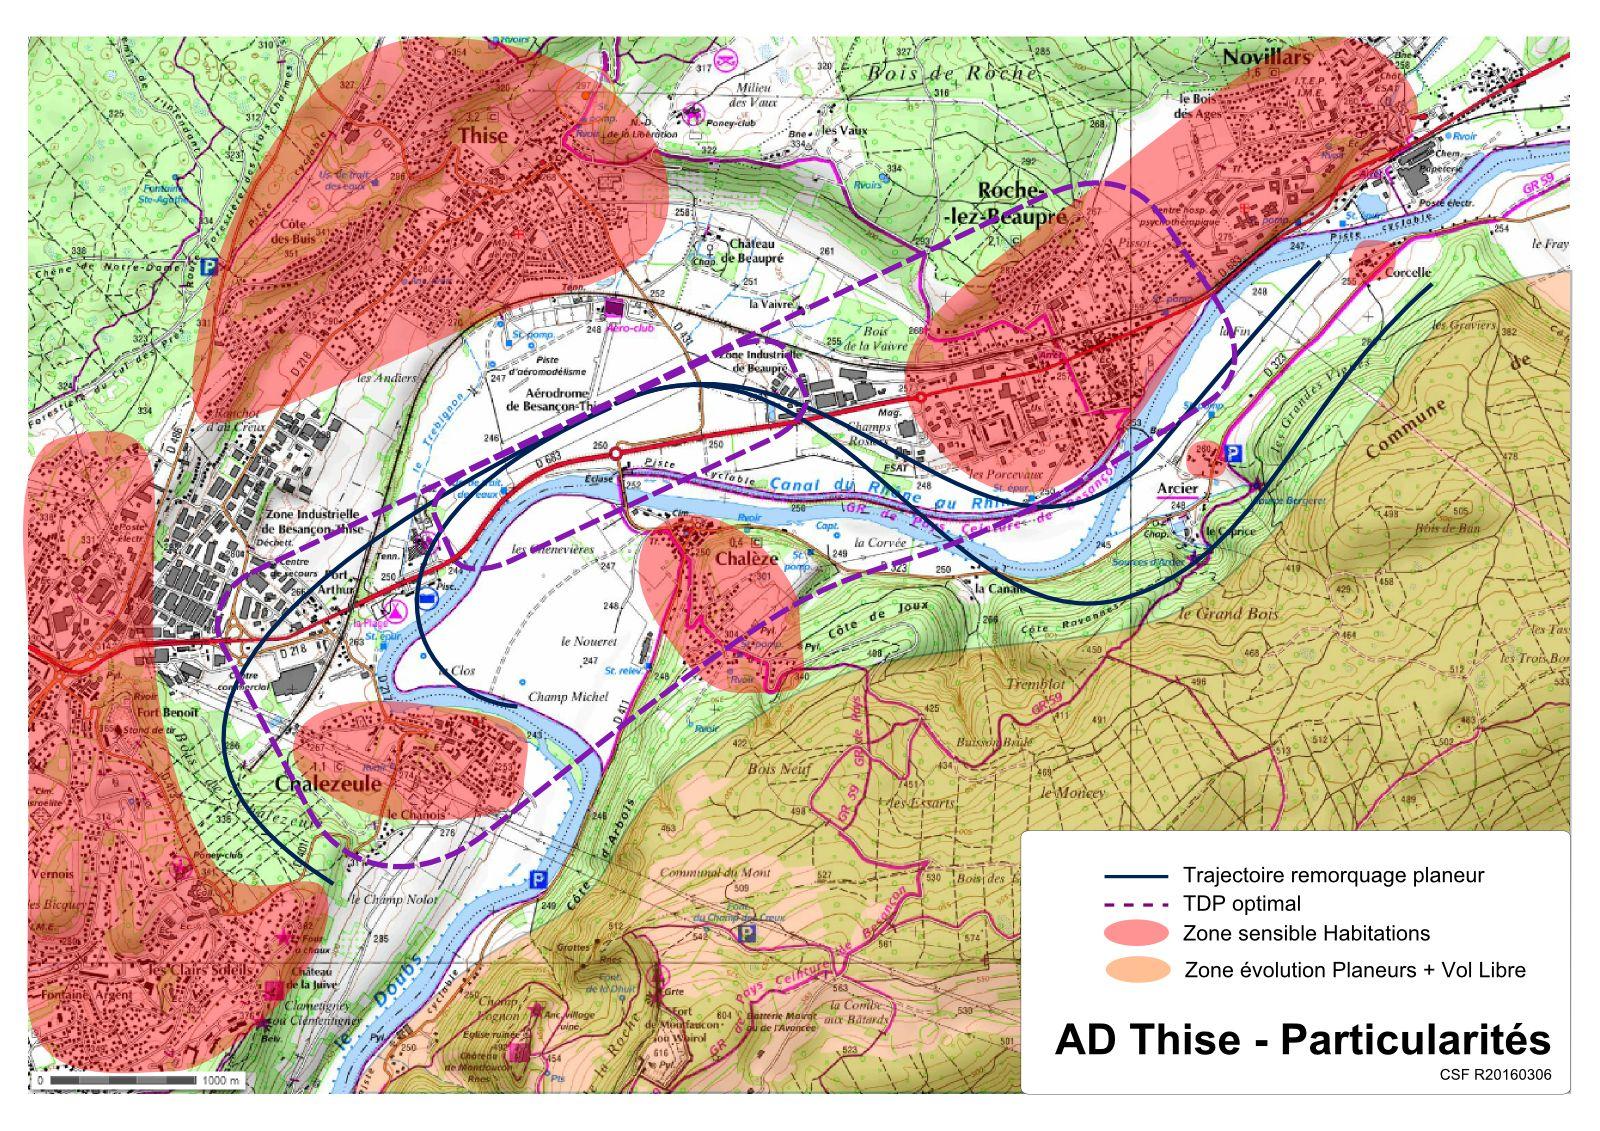 AD LFSA Particularités R20160306